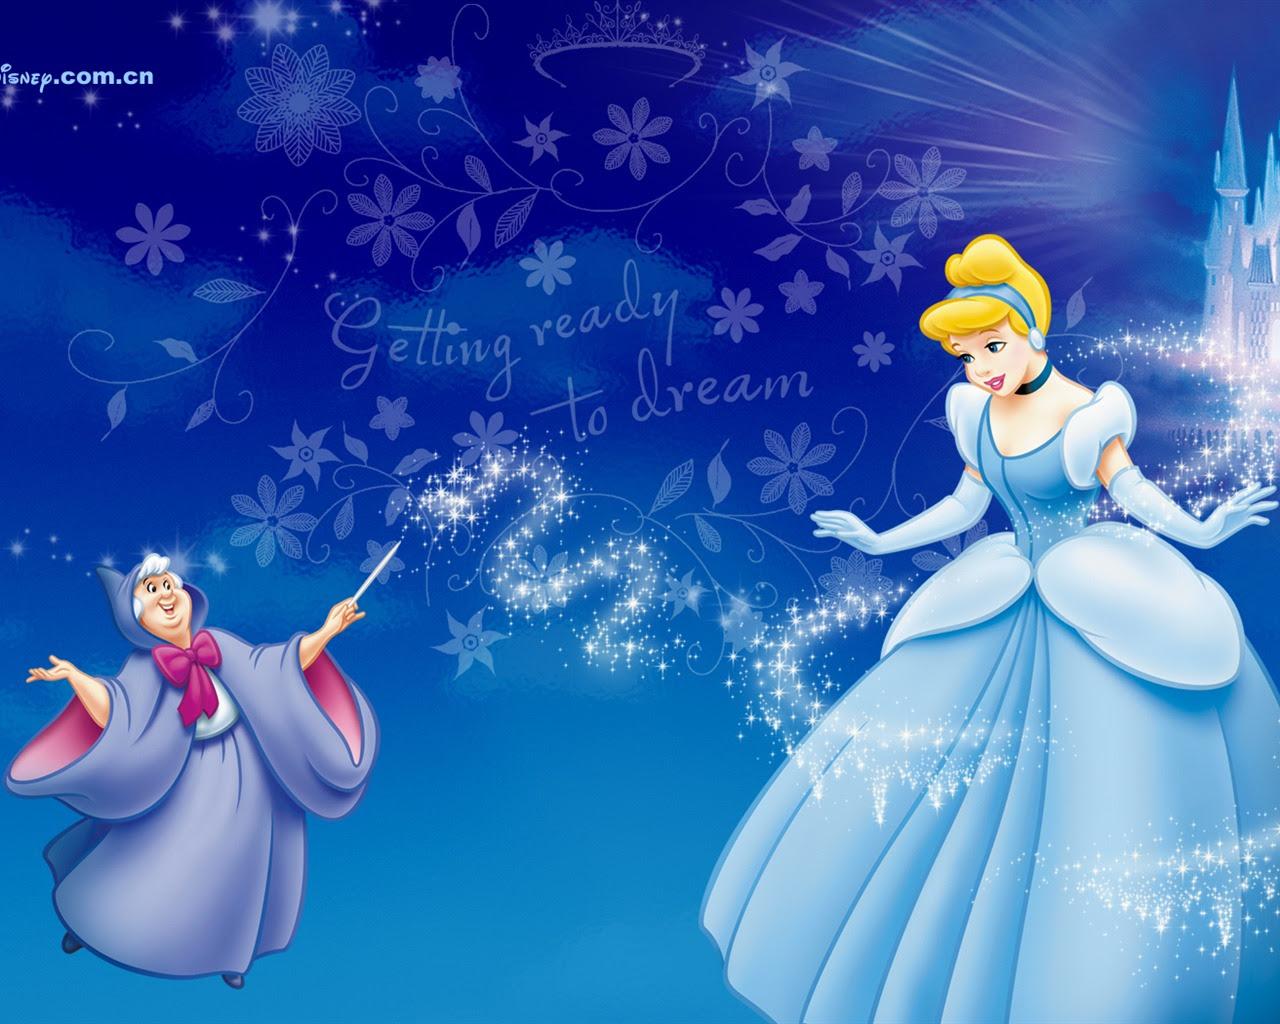 プリンセスディズニーアニメの壁紙 2 2 1280x1024 壁紙